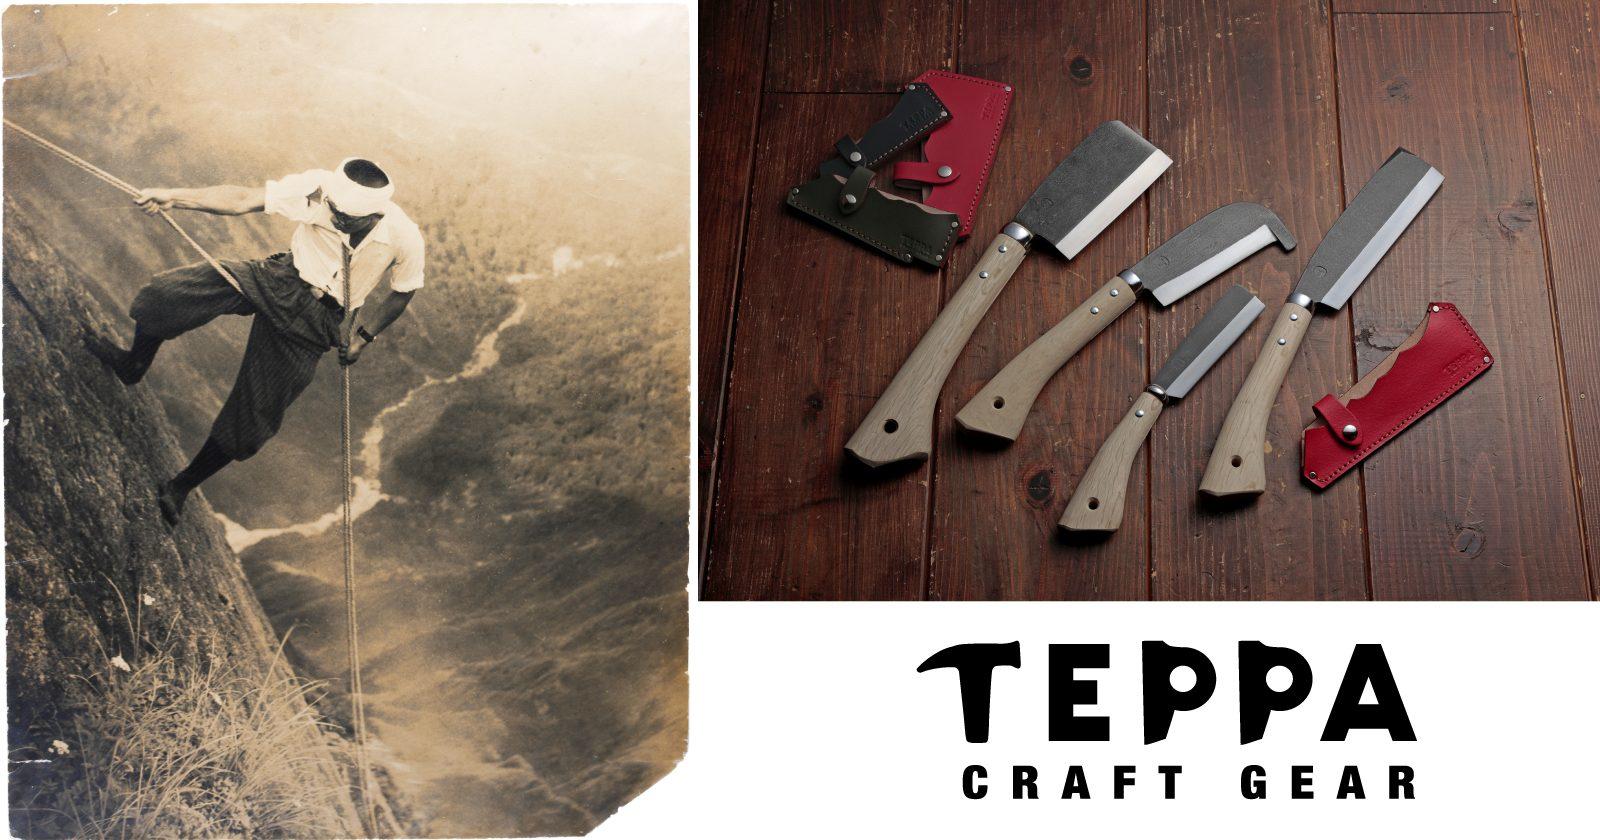 モチヅキ発の新アウトドアブランド「TEPPA」が始動!新潟三条市の職人技が光る鉈シリーズ4種を販売!